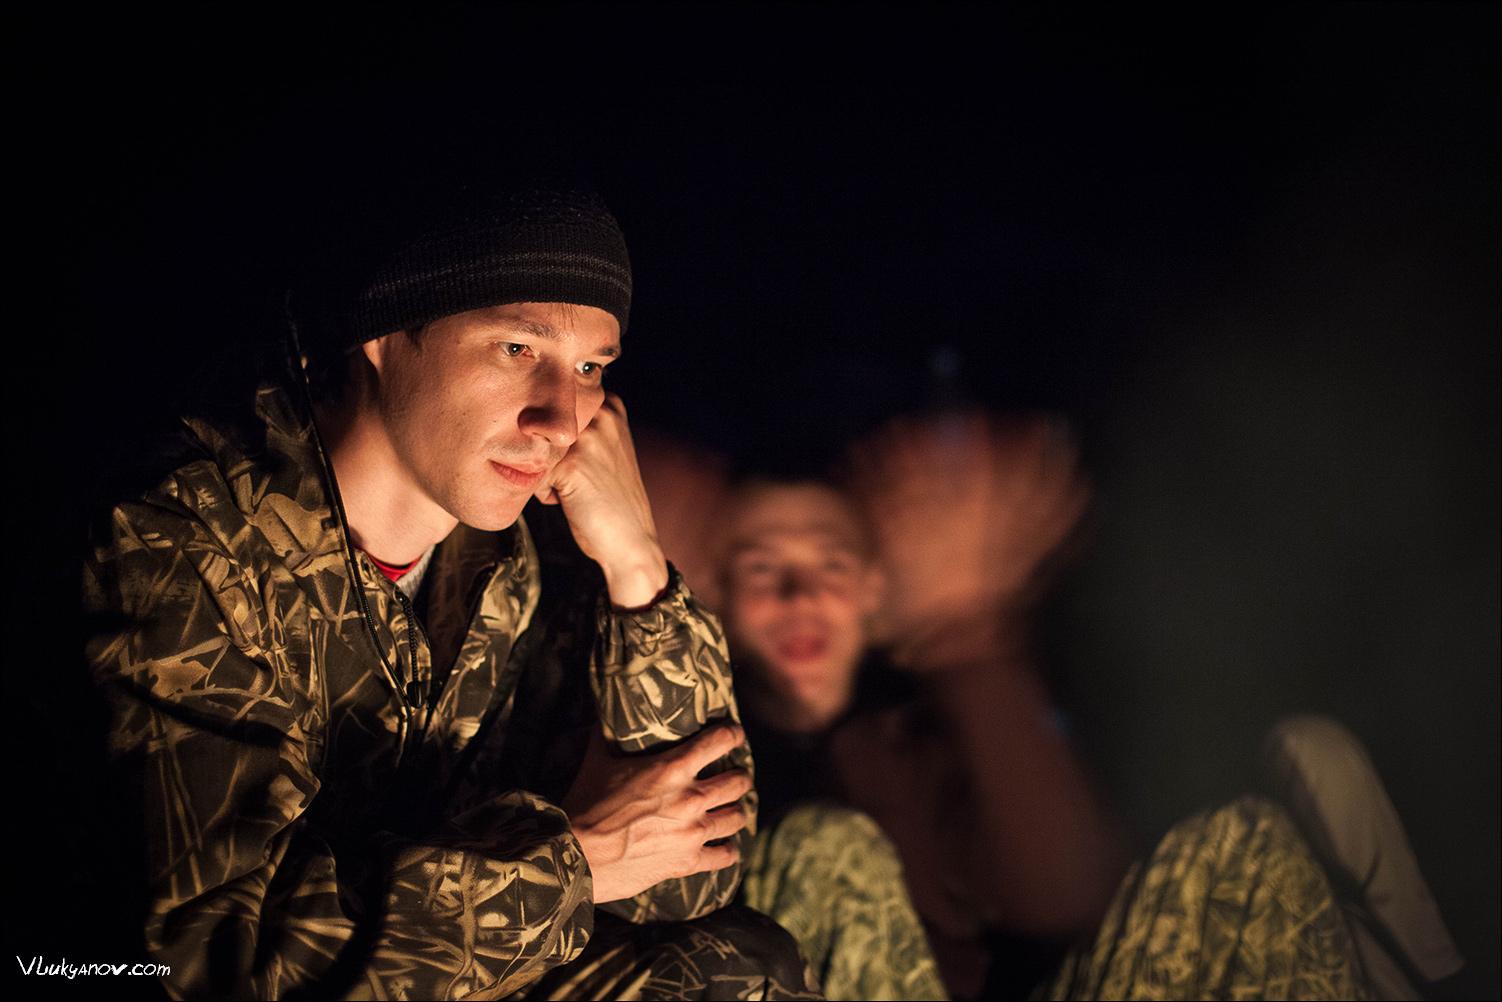 Фотограф, Владимир Лукьянов, поход, Ергаки